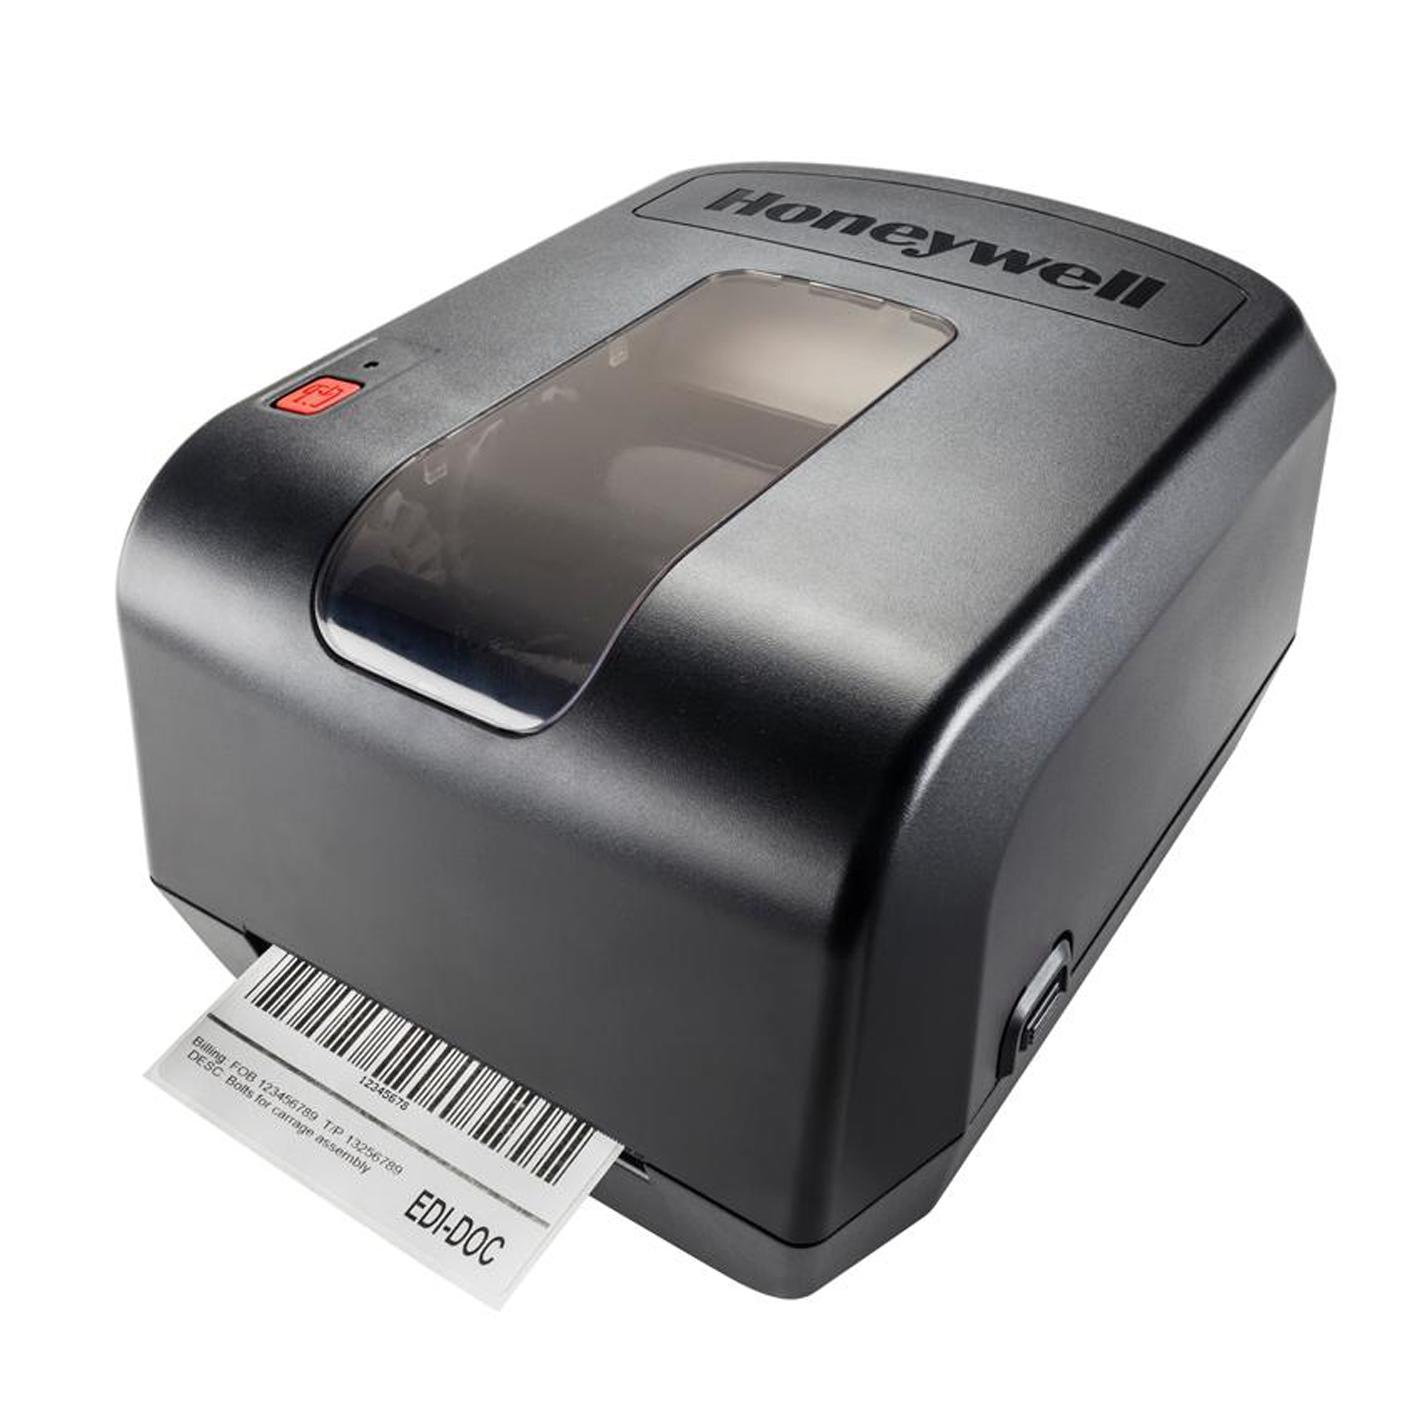 Imprimante Desktop Honeywell PC42T